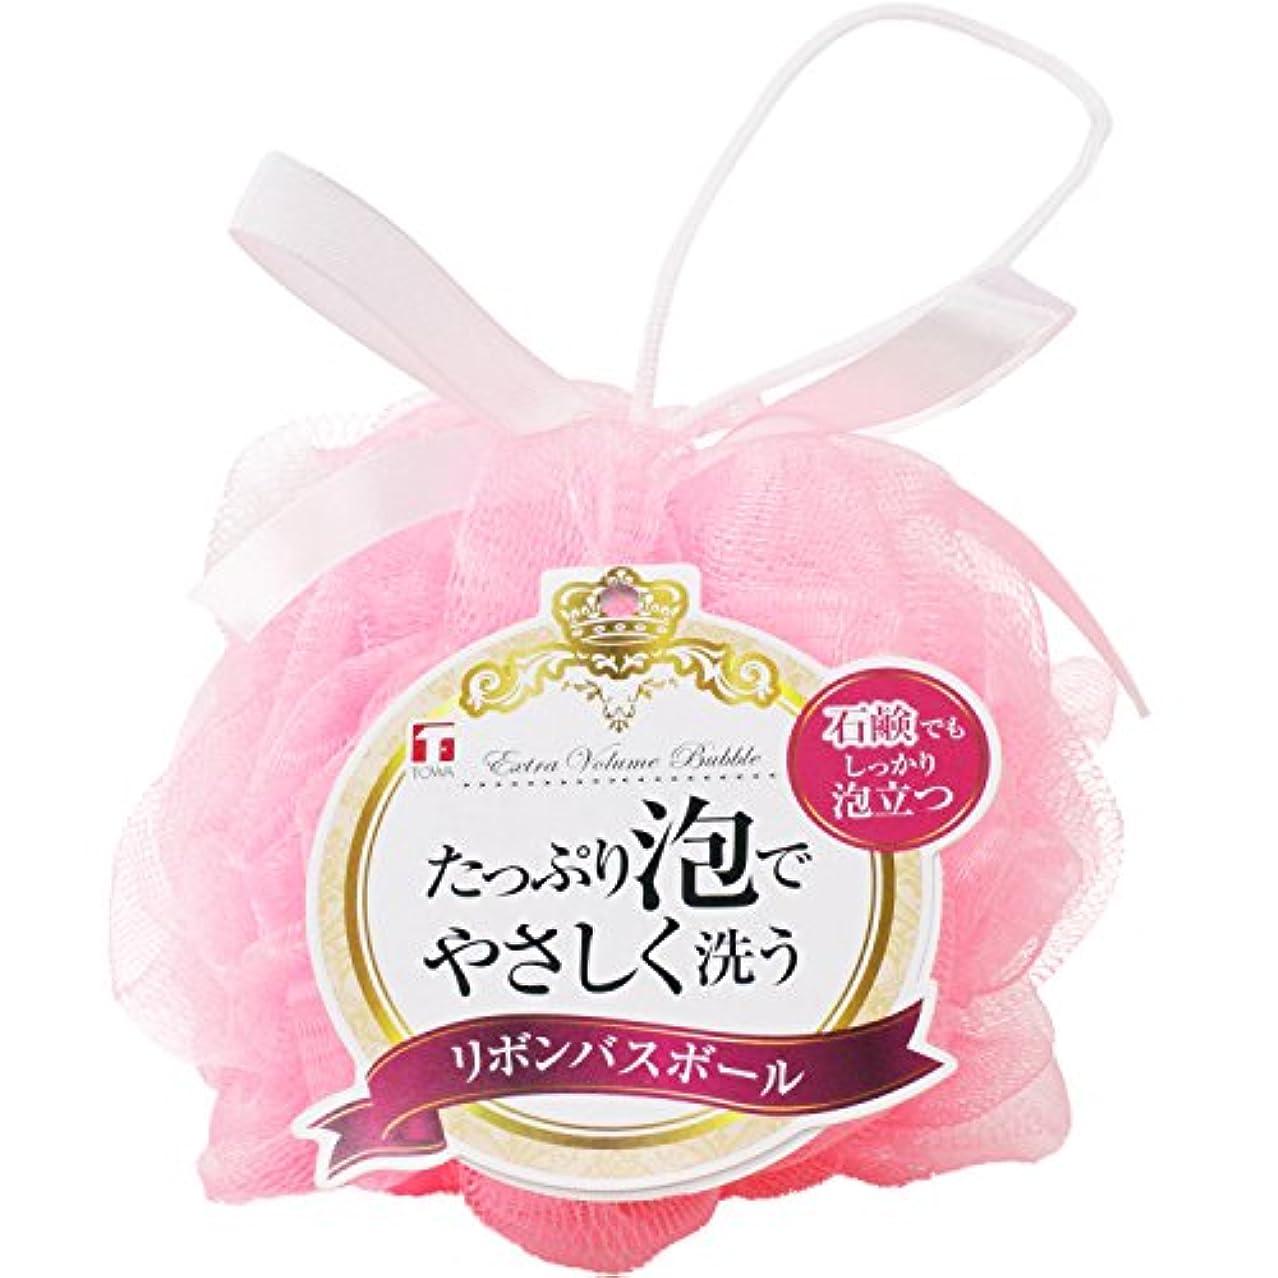 コンプライアンスふりをする義務づける東和産業 泡立てネット リボン バスボール ピンク 直径約14cm